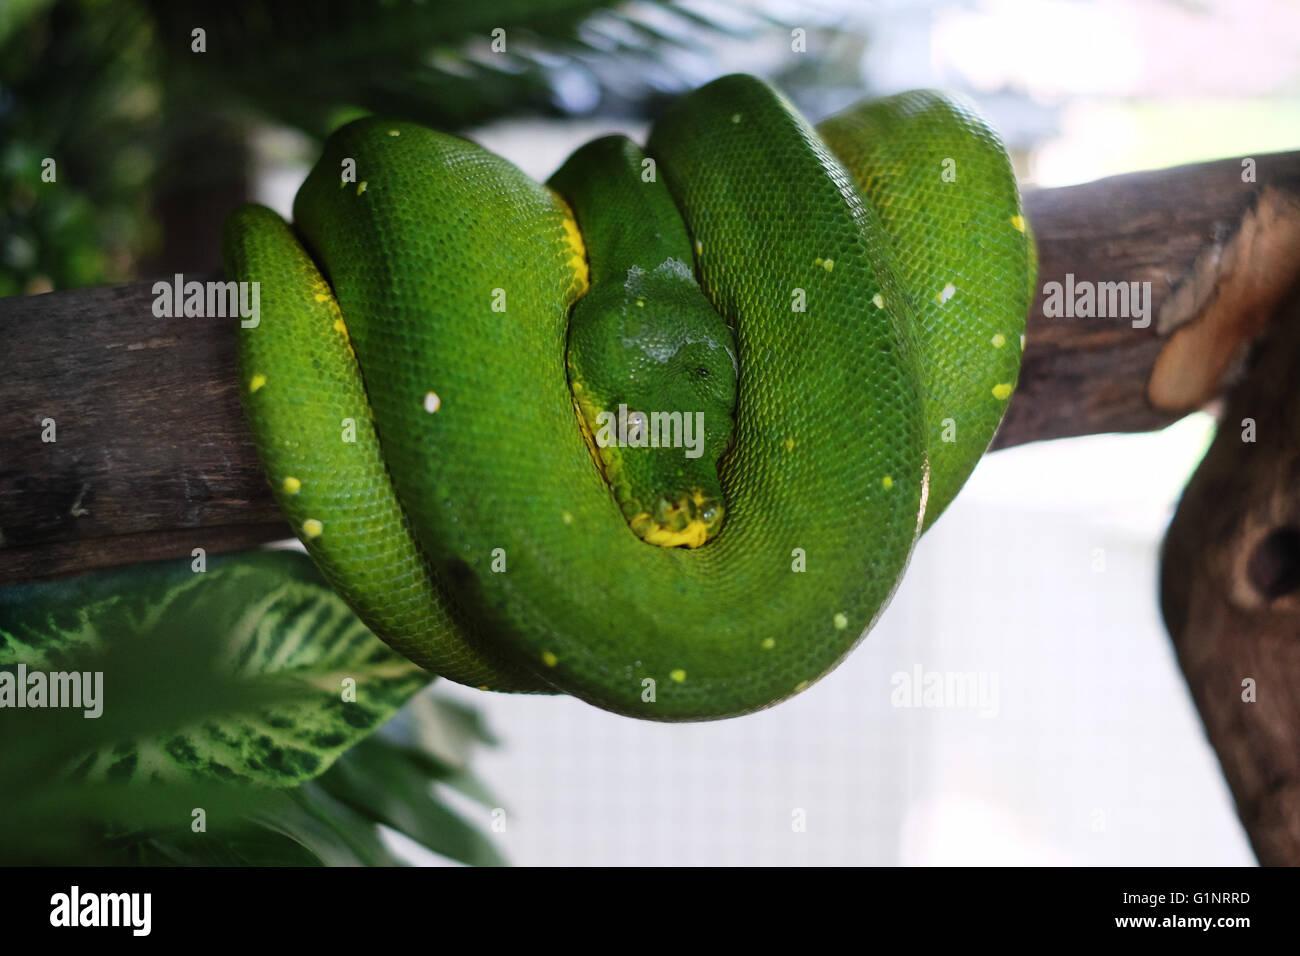 Bangkok, Thaïlande. 17 mai, 2016. Un arbre vert python est vu au Queen Saovabha Memorial Institute's snake museum à Bangkok, Thaïlande, le 17 mai 2016. Fondée en 1922, la Reine Saovabha Memorial Institute est un organisme de recherche majeur en Thaïlande qui se spécialise dans la rage et les toxines animales. À l'institute's snake museum, les visiteurs pourront voir des dizaines de non-venimeux serpent venimeux et races ainsi qu'apprendre les traitements d'urgence pour les morsures de serpent. © Li Mangmang/Xinhua/Alamy Live News Banque D'Images